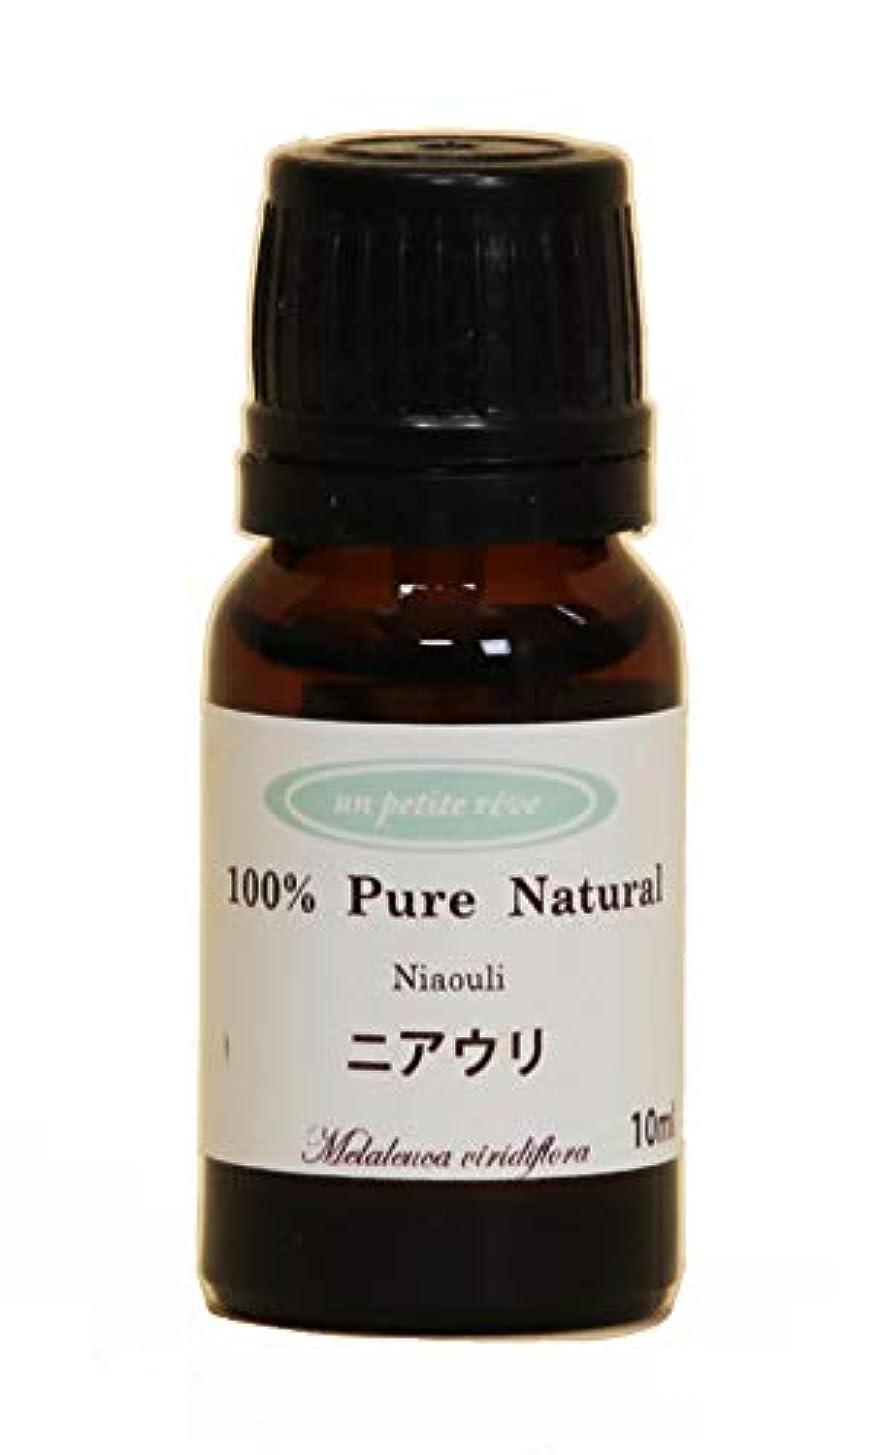 バーガースキニー持続するニアウリ  10ml 100%天然アロマエッセンシャルオイル(精油)